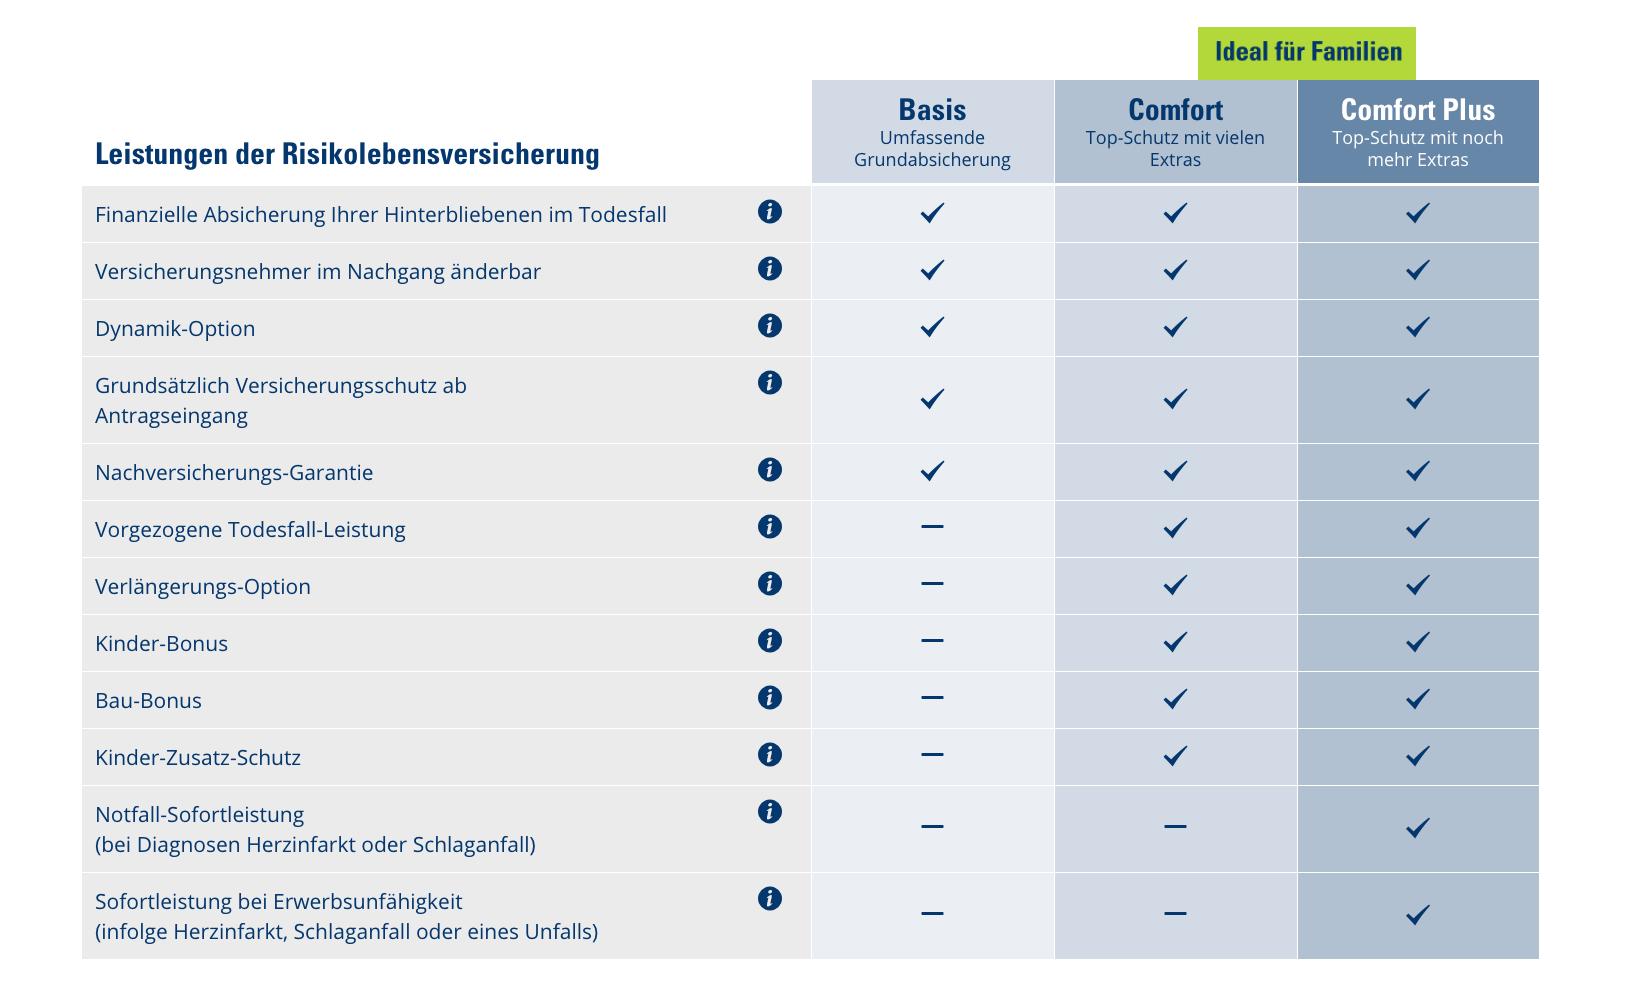 CosmosDirekt: Risikolebensversicherungen Traif-Vergleich